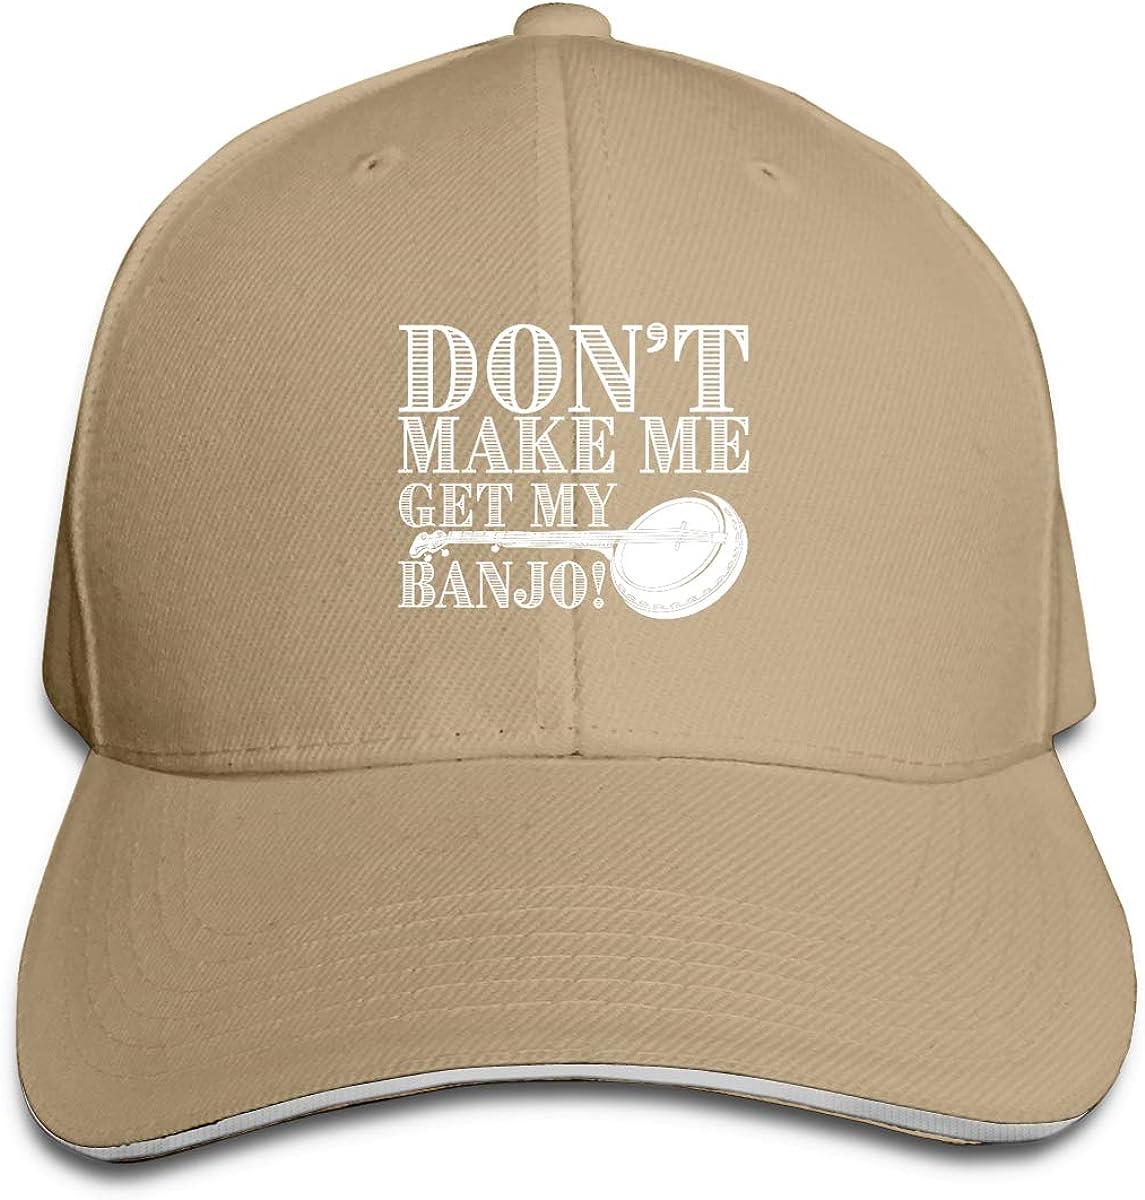 Eugrandet Dont Make Me Get My Banjo Unisex Twill Adjustable Sports Hat